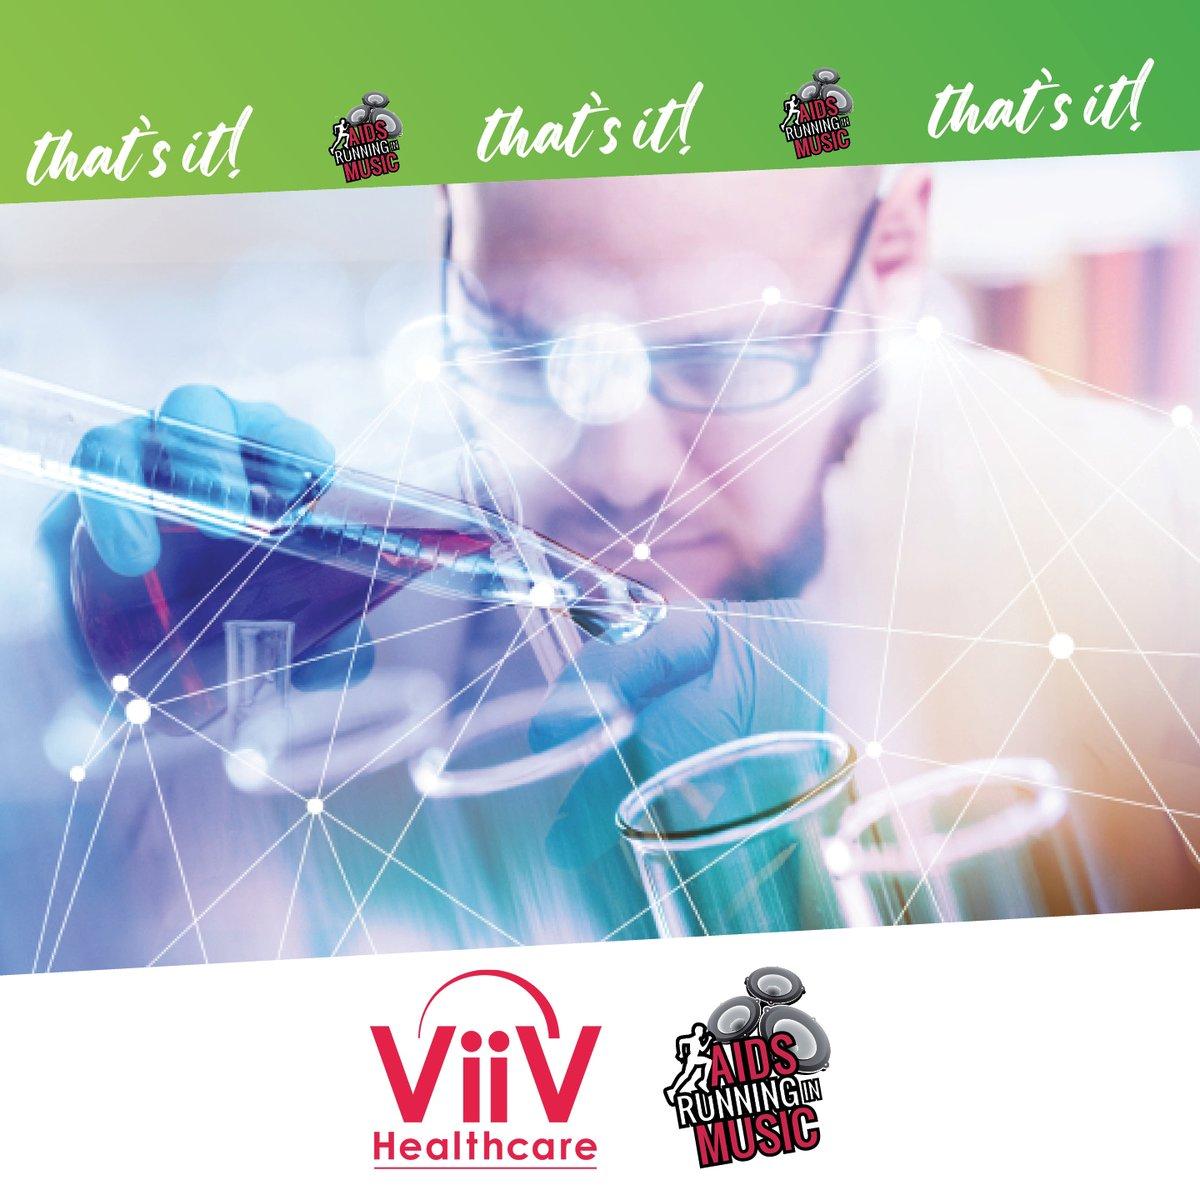 Aids Running in Music e ViiV Healthcare insieme per migliorare la qualità della vita delle persone che vivono con HIV/AIDS con la sensibilizzazione e la ricerca avanzata. #ThatsIt, la virtual run che corre per la ricerca. https://t.co/0CoR89ngVh